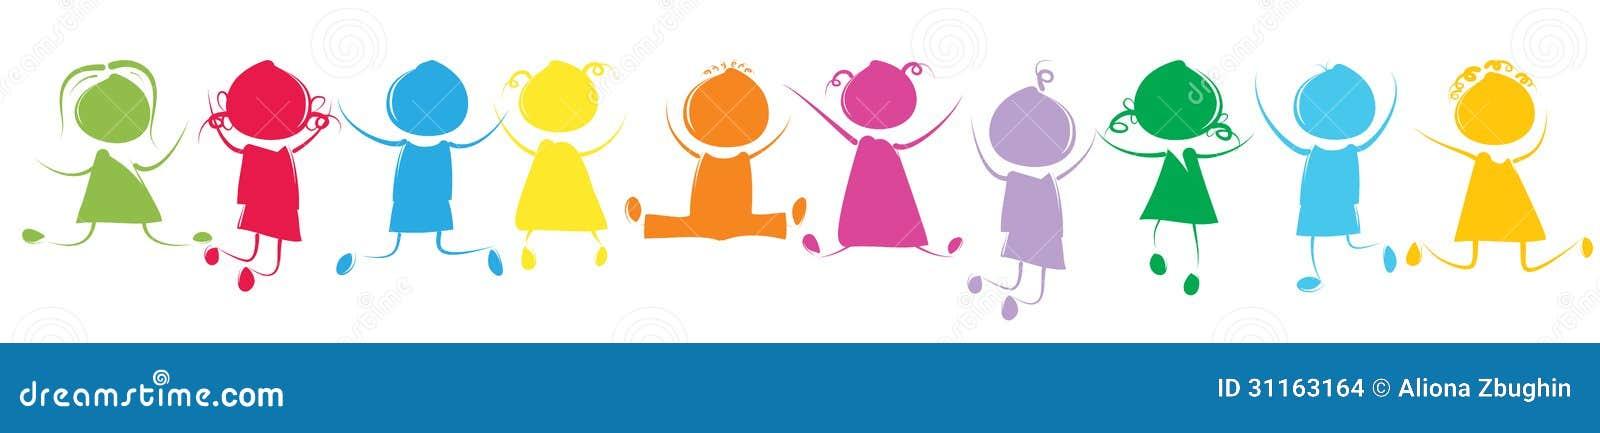 Enfants colorés